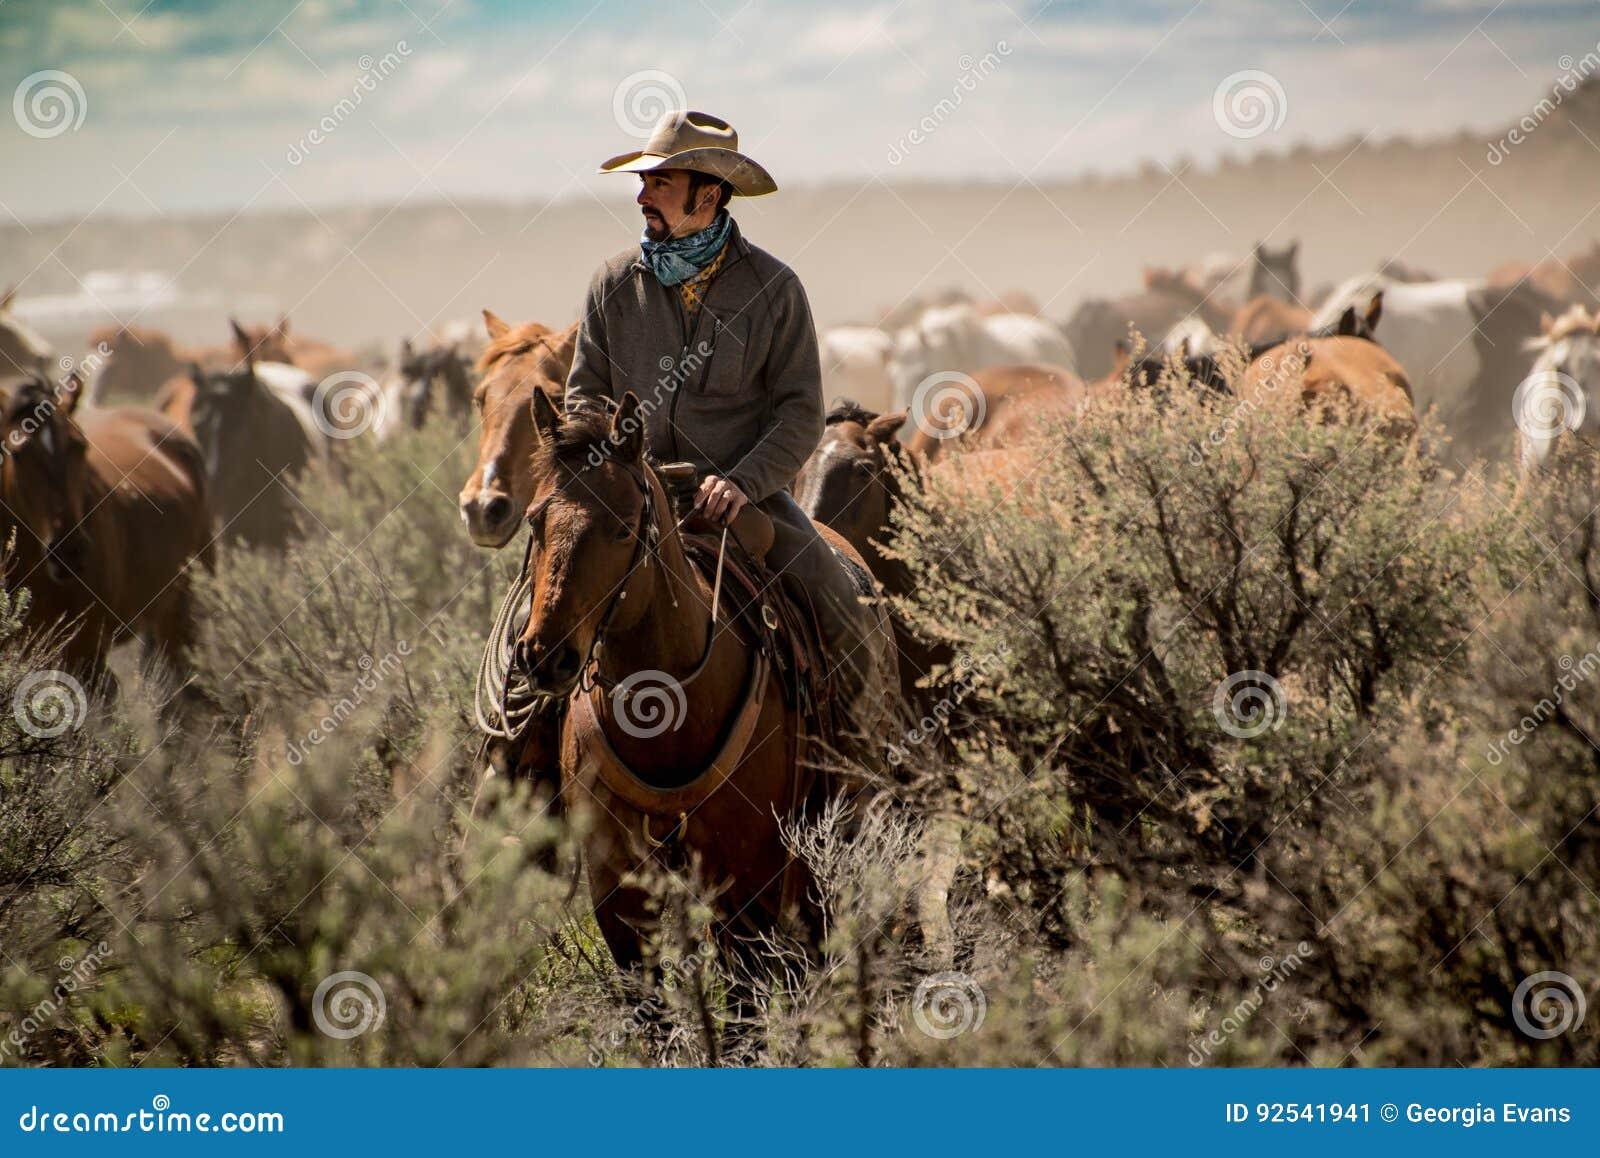 Manada principal del caballo del vaquero a través del polvo y cepillo sabio durante rodeo